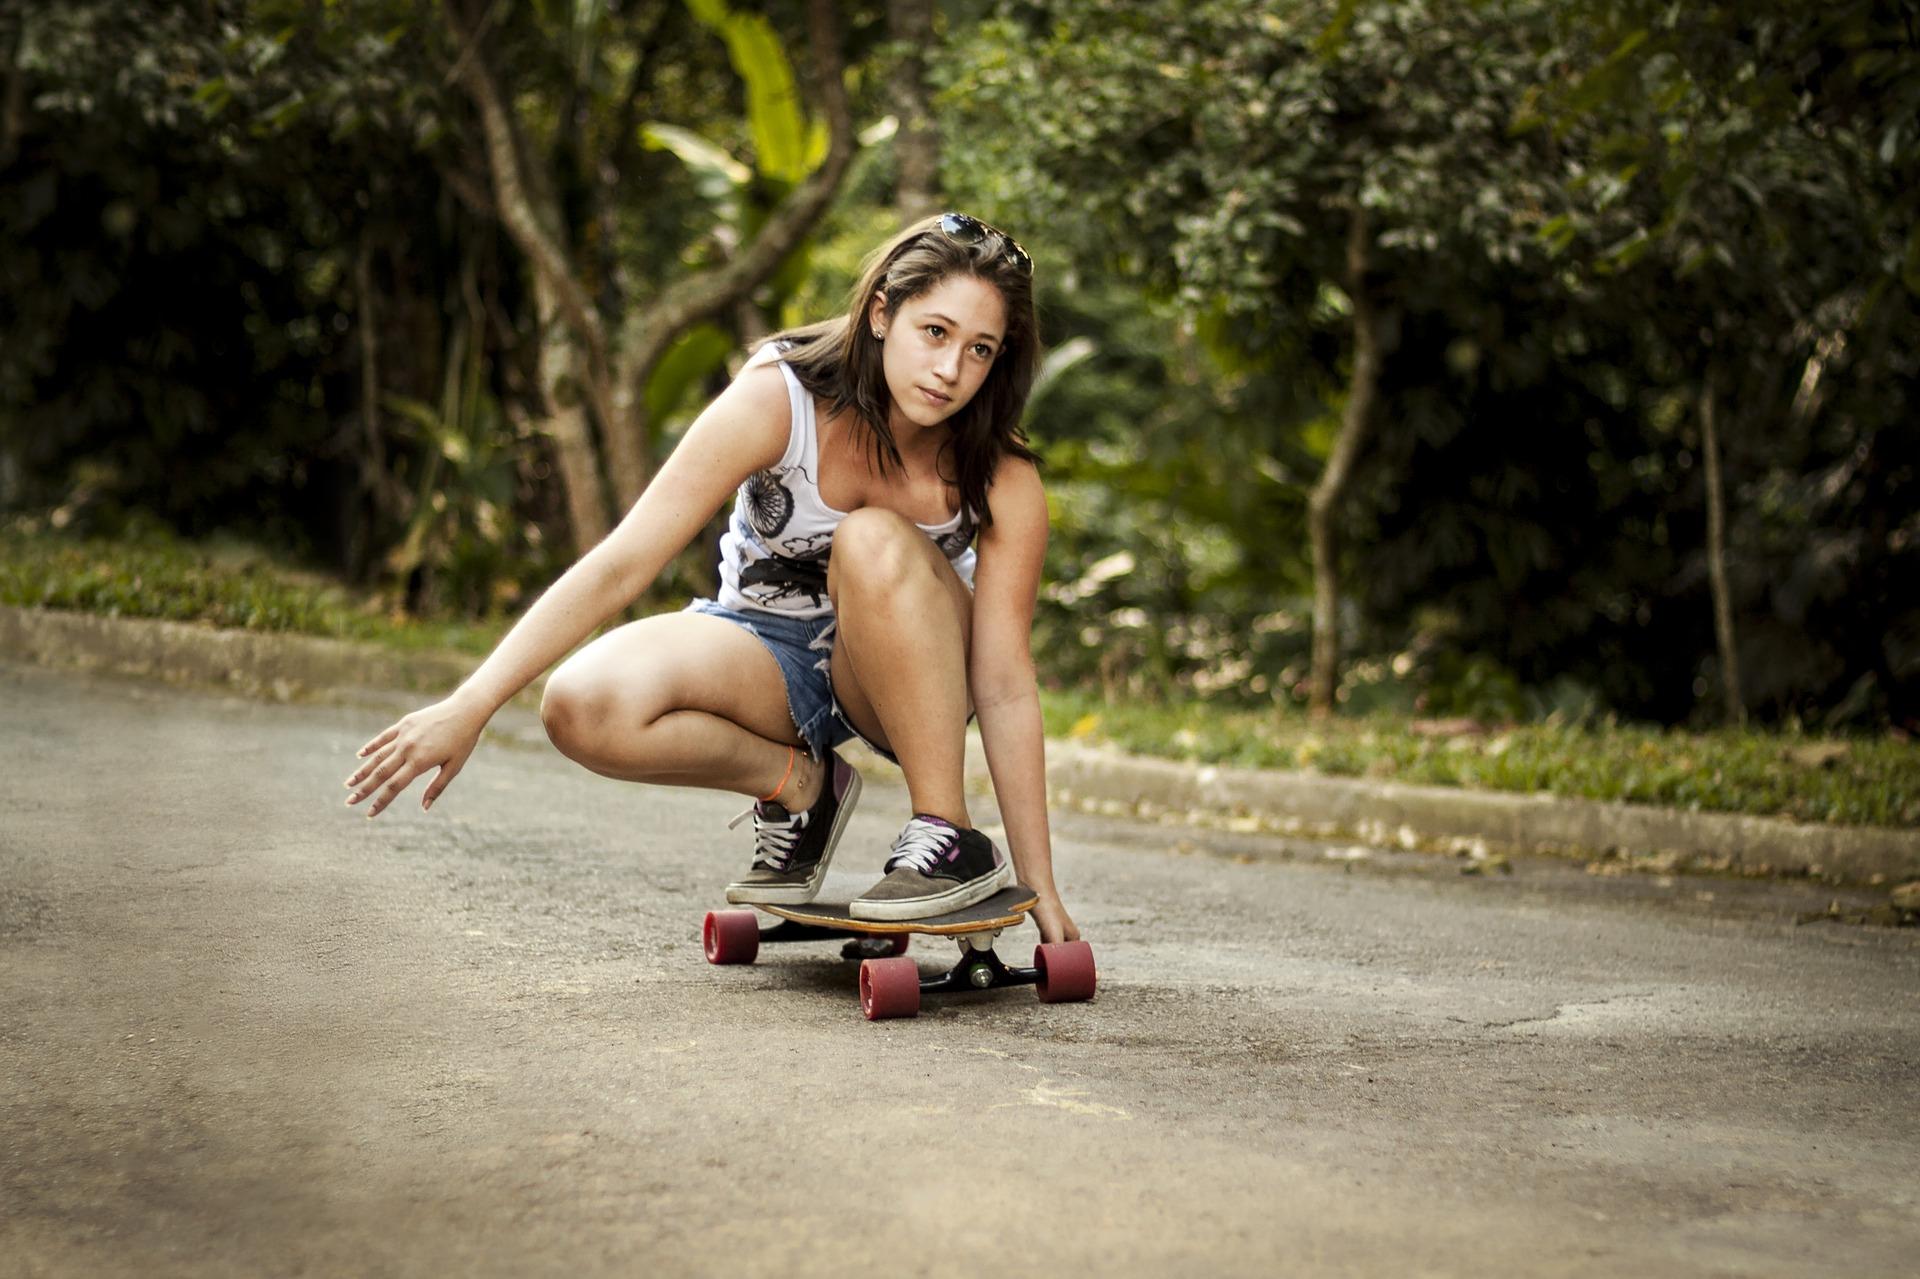 Elektro Skateboard nur auf Privatgrundstueck